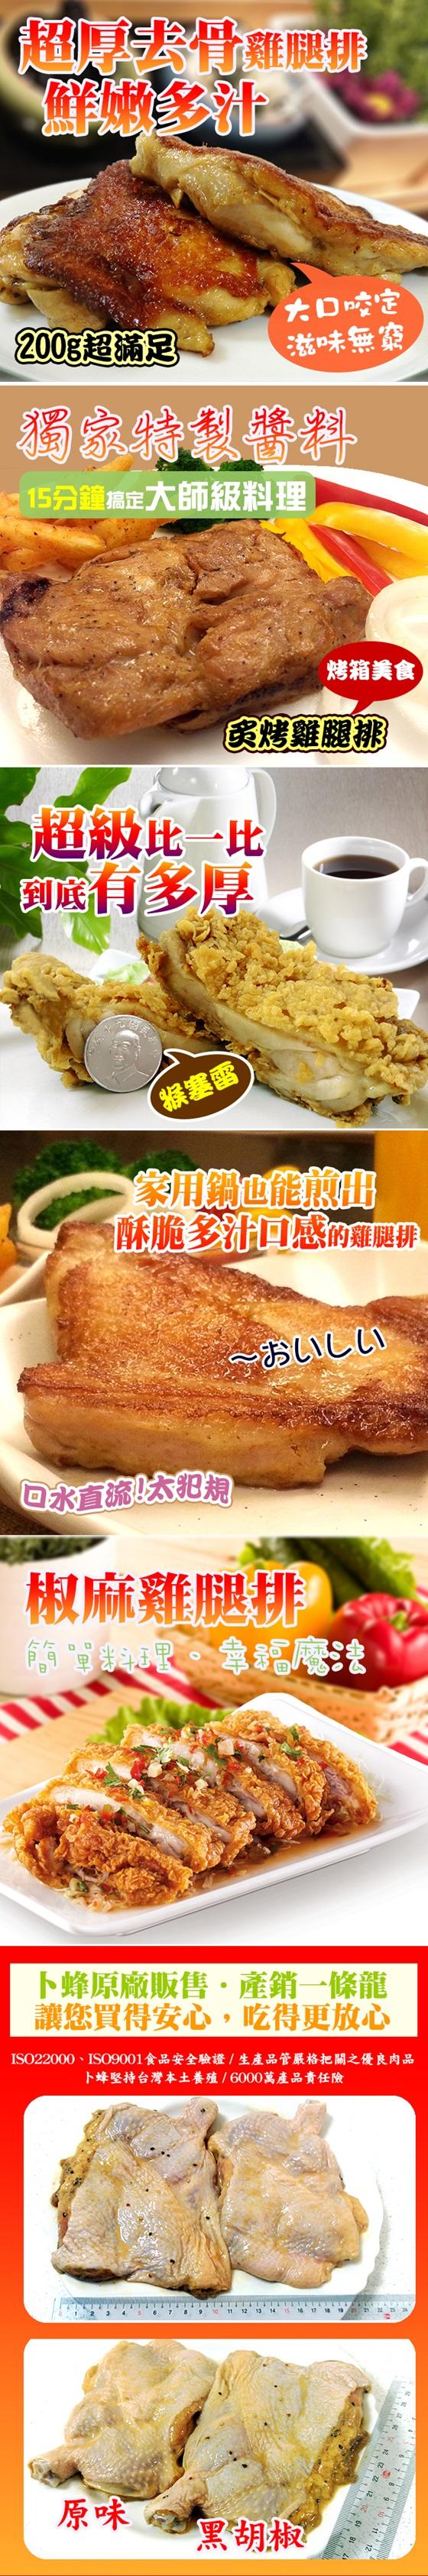 卜蜂/卜蜂食品/獨家鮮嫩去骨雞腿排/鮮嫩去骨雞腿排/去骨雞腿排/雞腿排/雞腿/雞肉